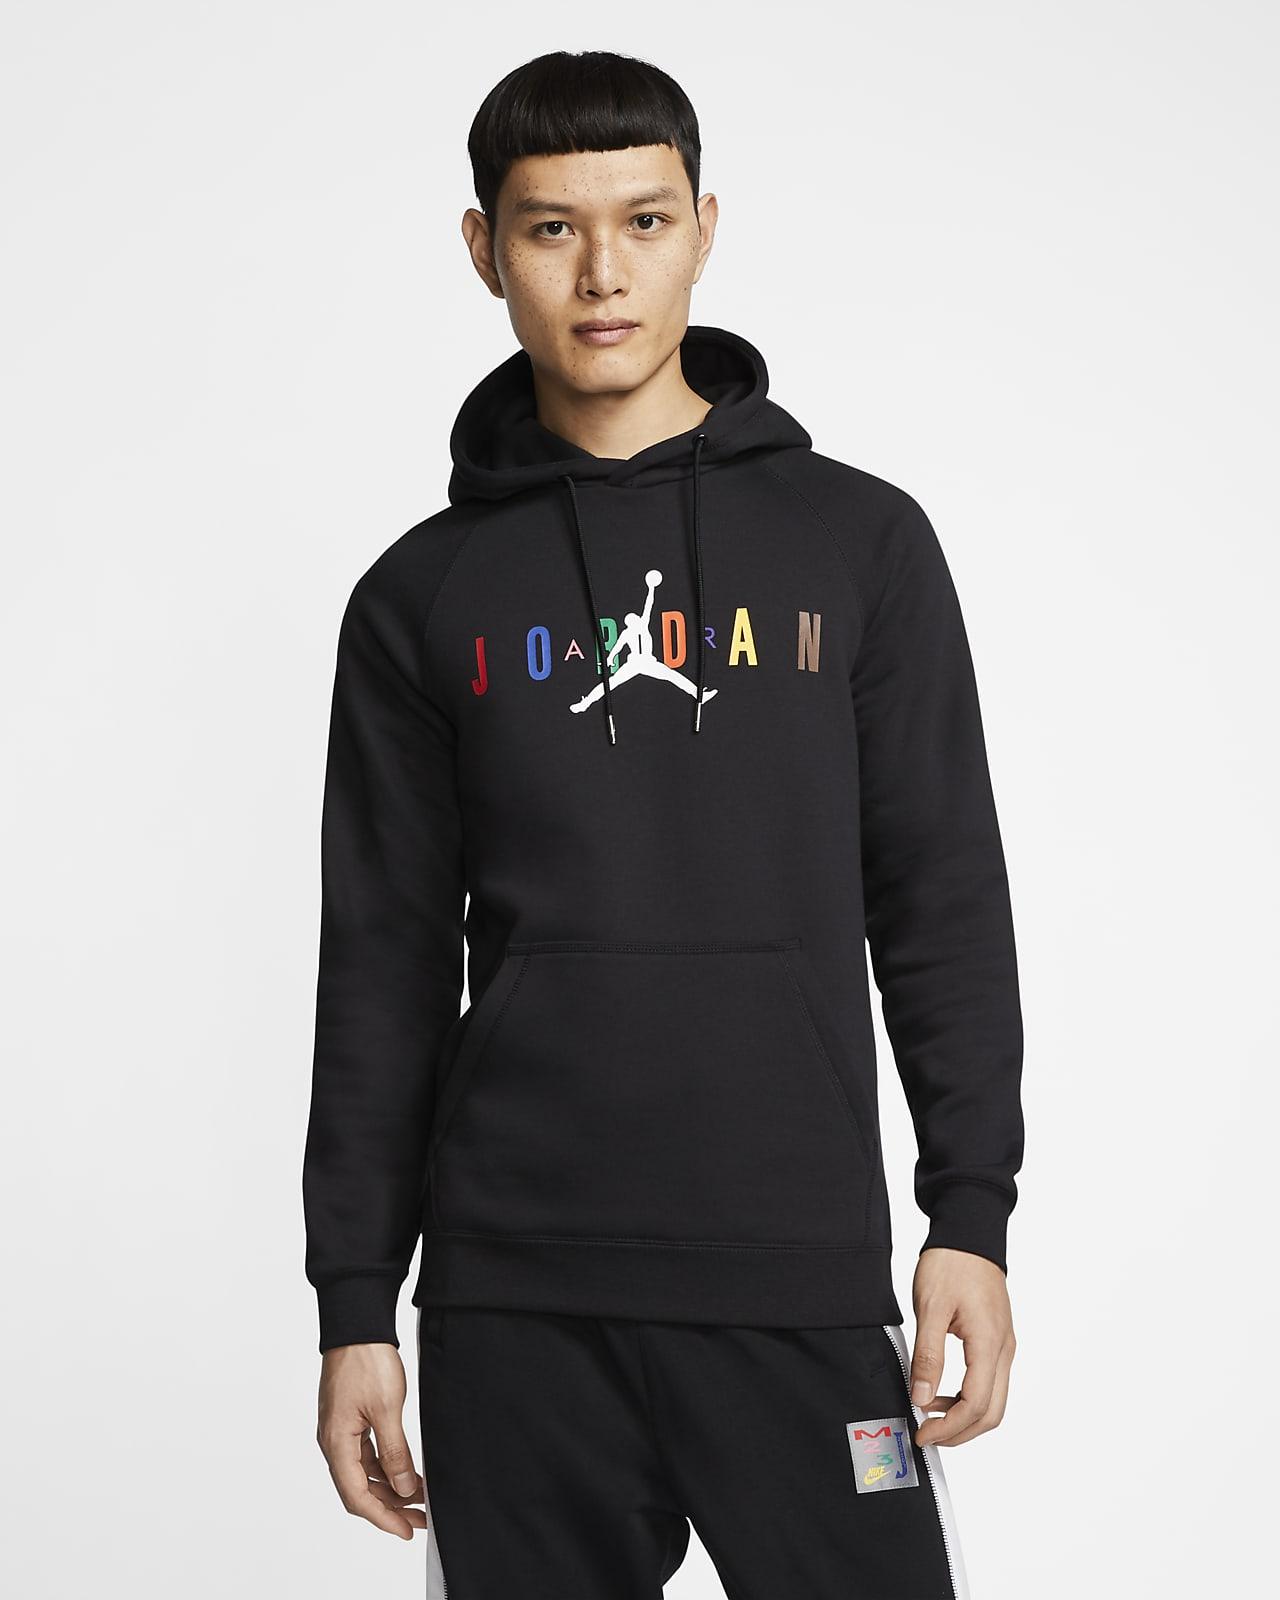 Jordan Sport DNA HBR 男子起绒套头衫